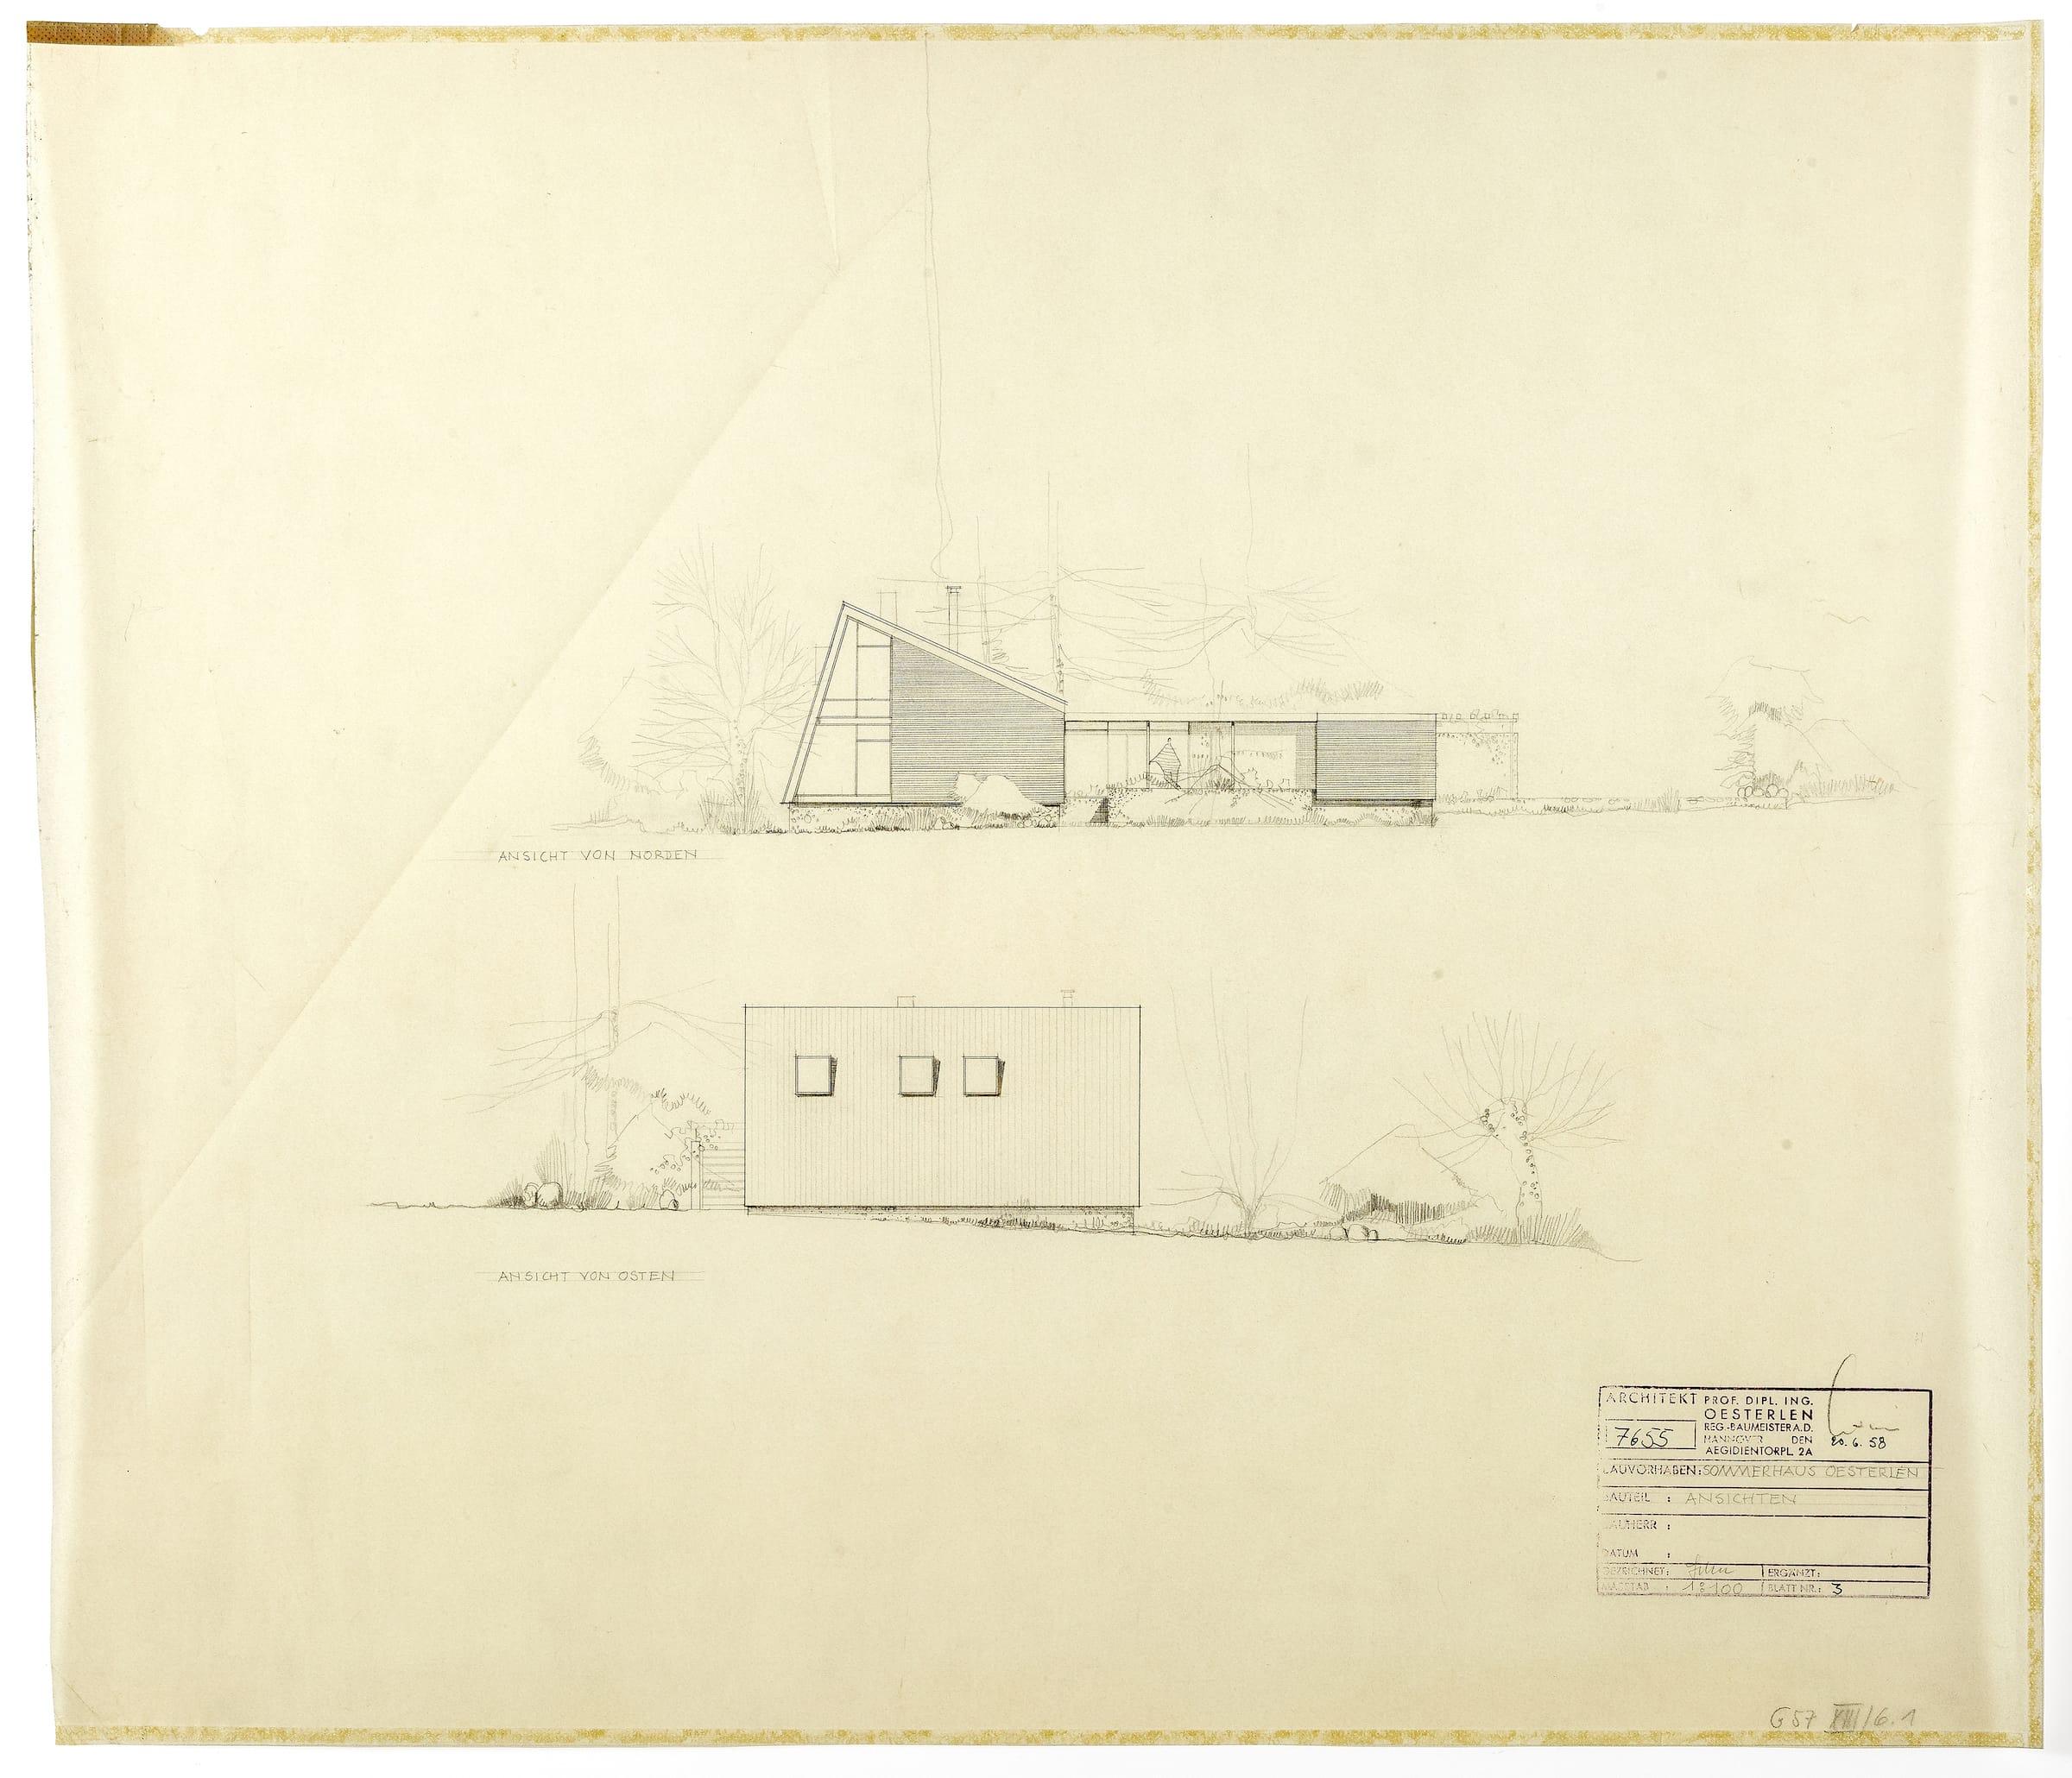 SAIB G57 XIII 6 1 Sommerhaus Oesterlen 1958